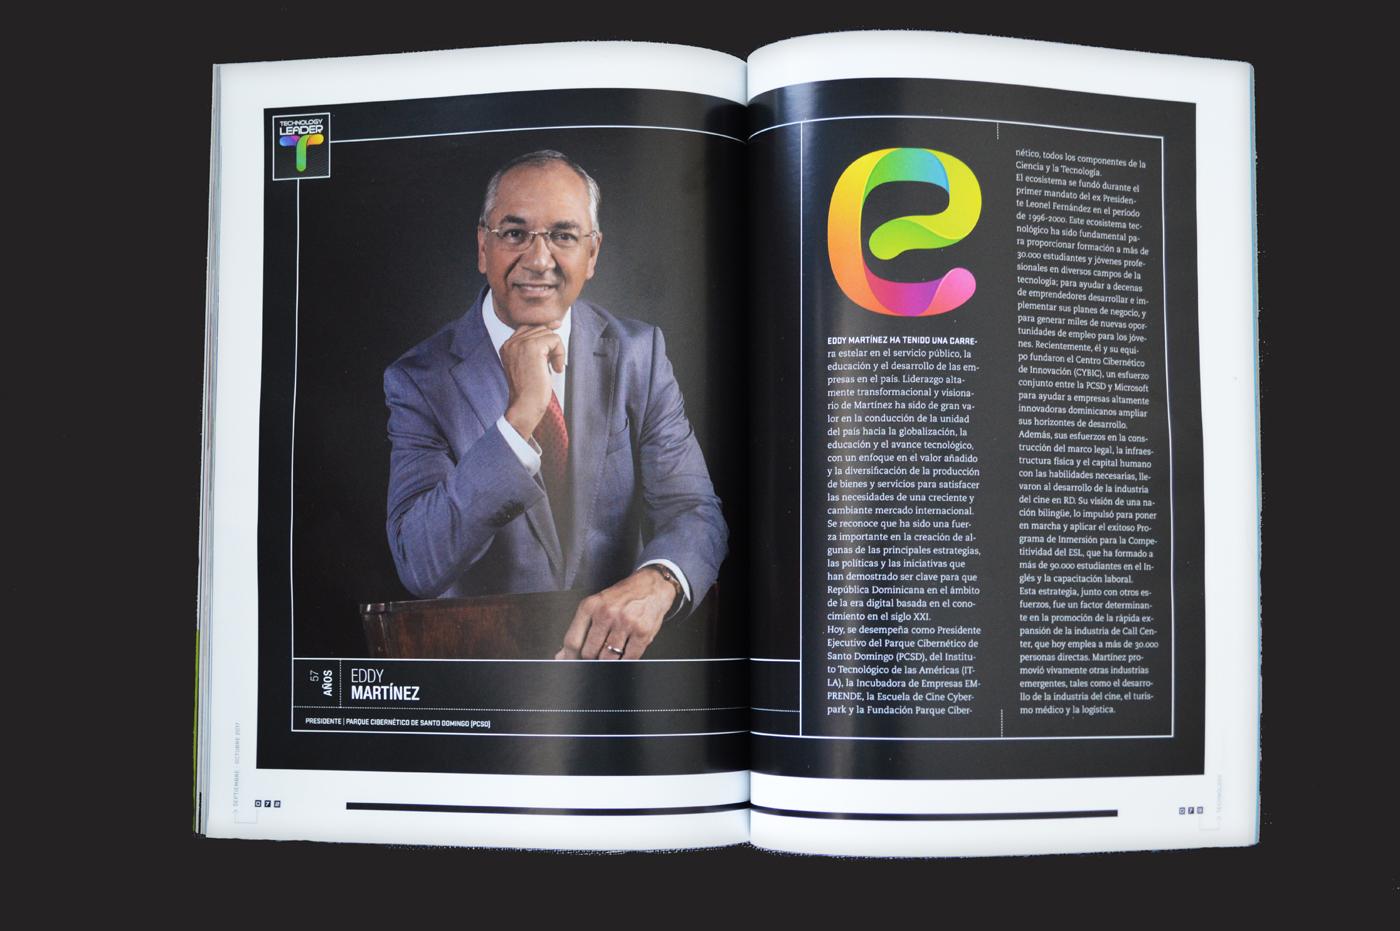 PCSD Articulo Revista Mercado Technology Entrevista Eddy Martinez